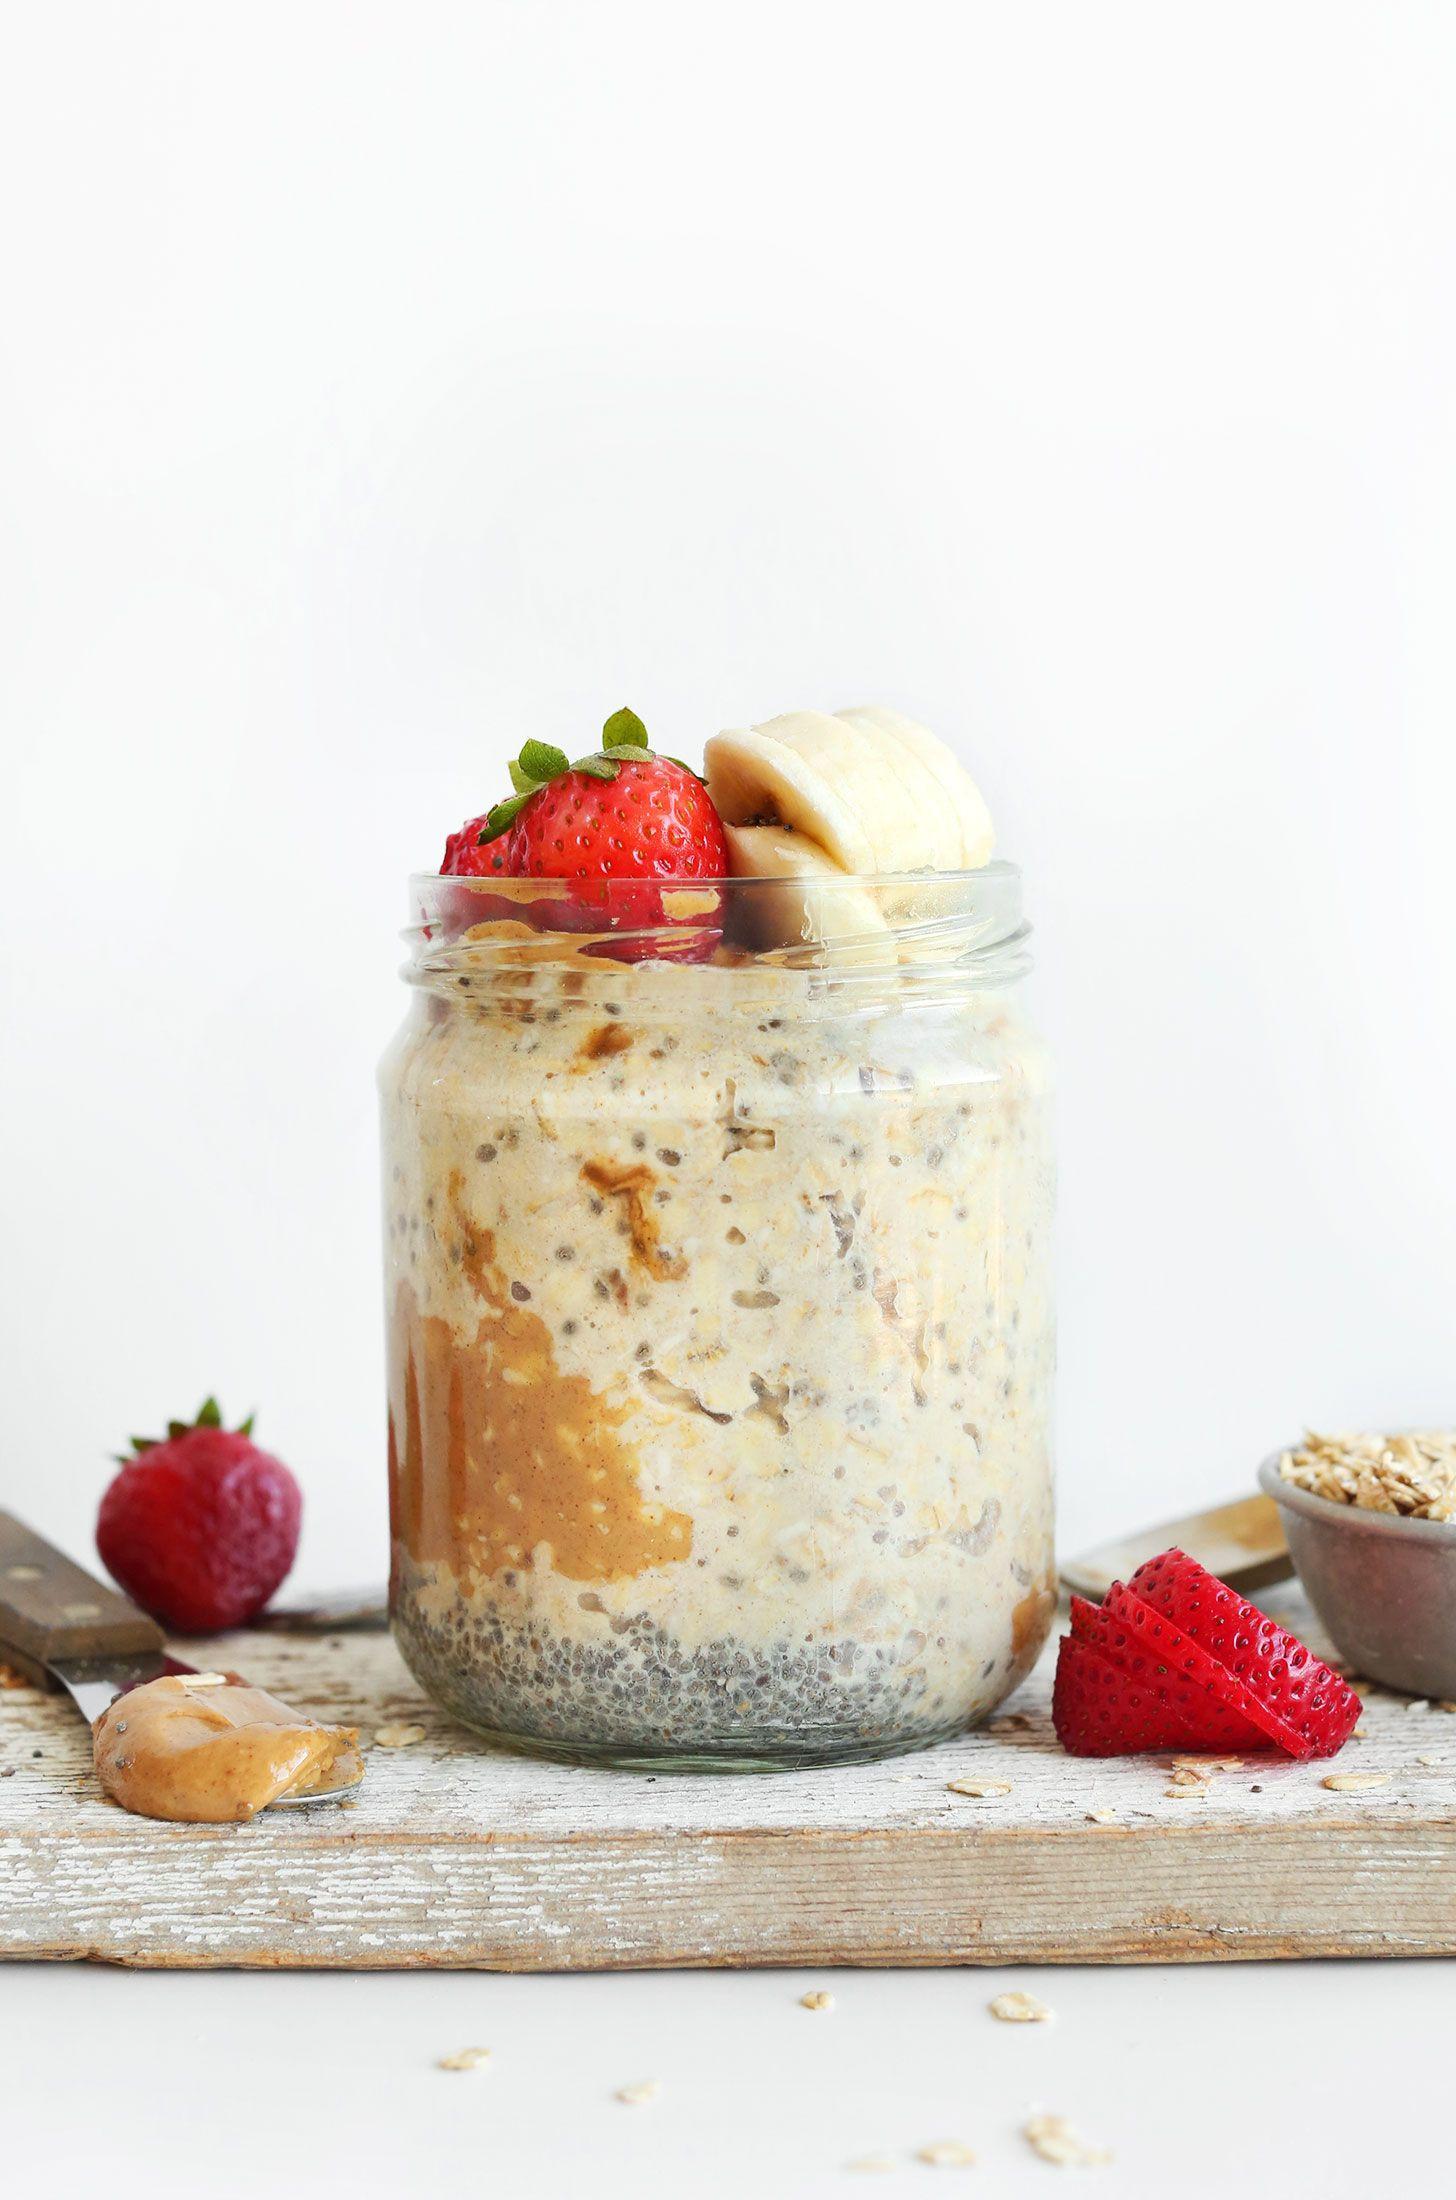 Healthy Overnight Oats  17 Healthy Overnight Oats Recipes Not for Breakfast